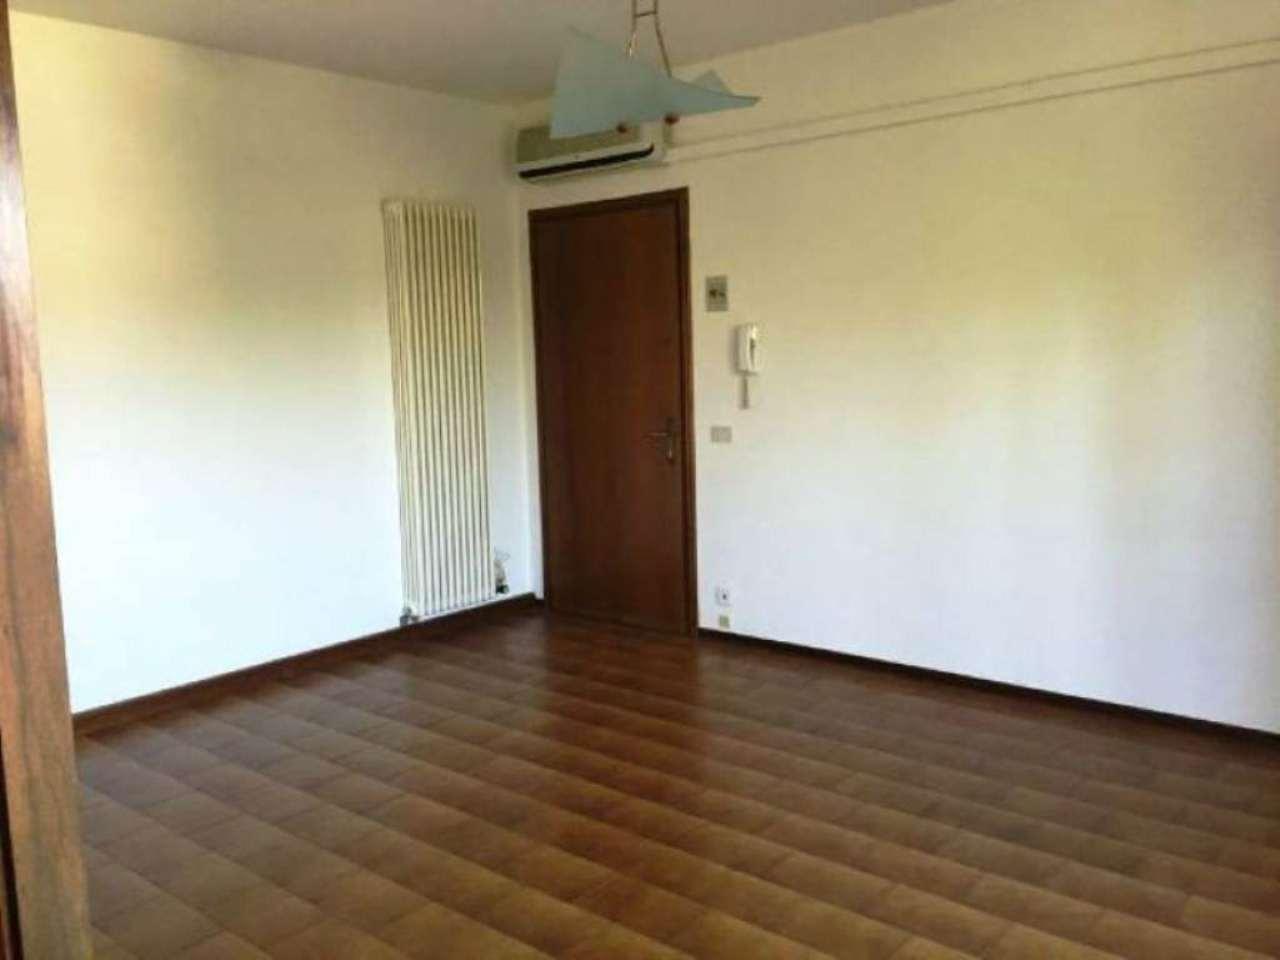 Appartamento in vendita a Zero Branco, 3 locali, prezzo € 95.000 | Cambio Casa.it